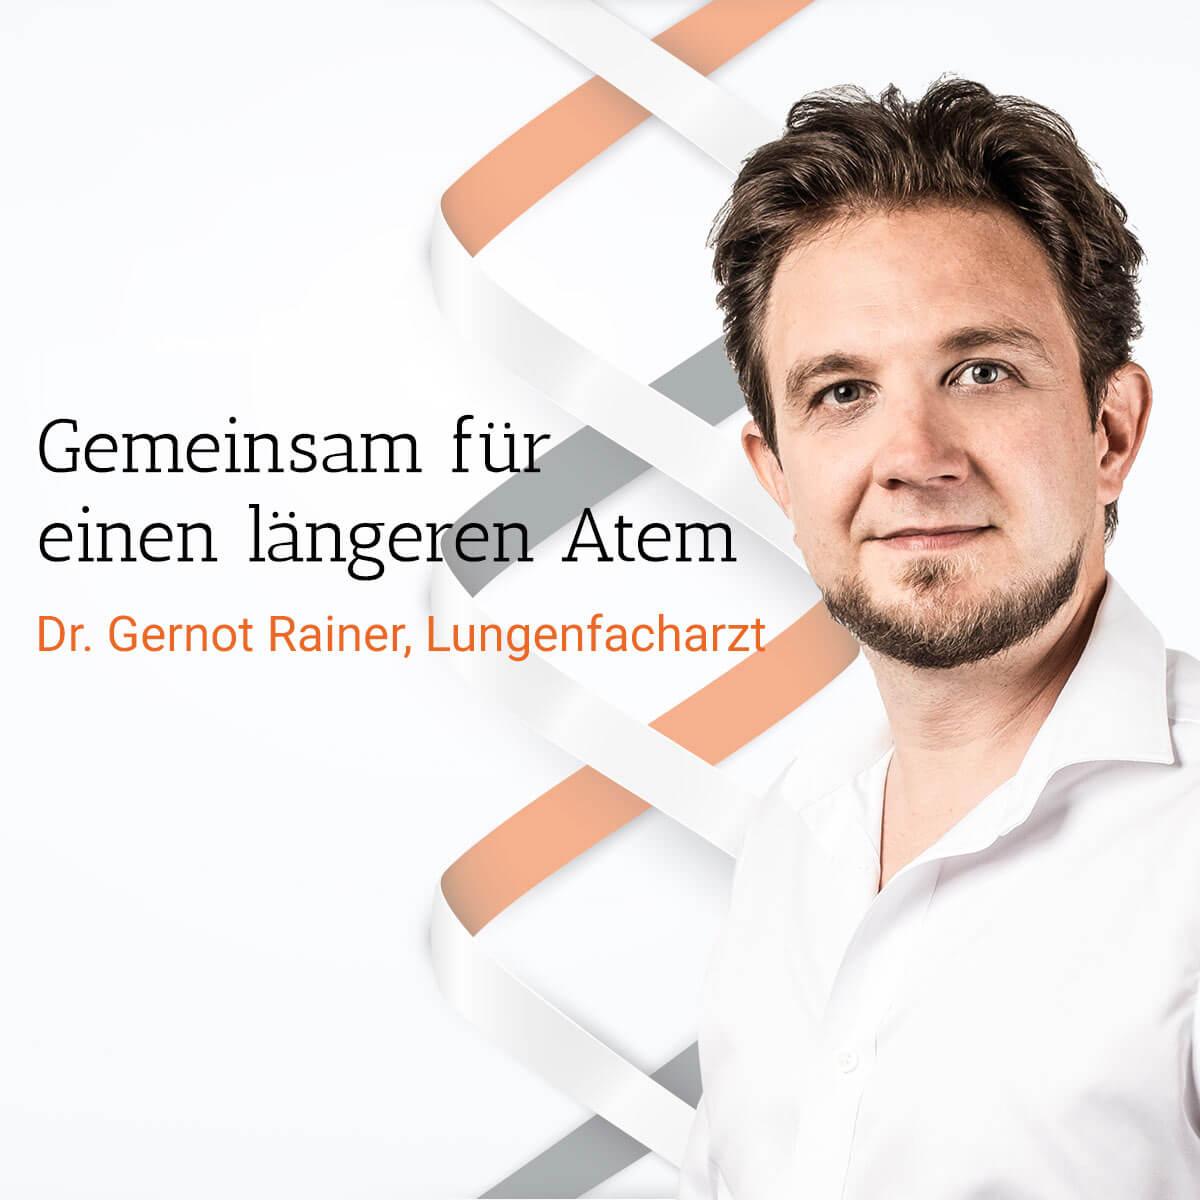 Dr. Gernot Rainer, Lungenfacharzt